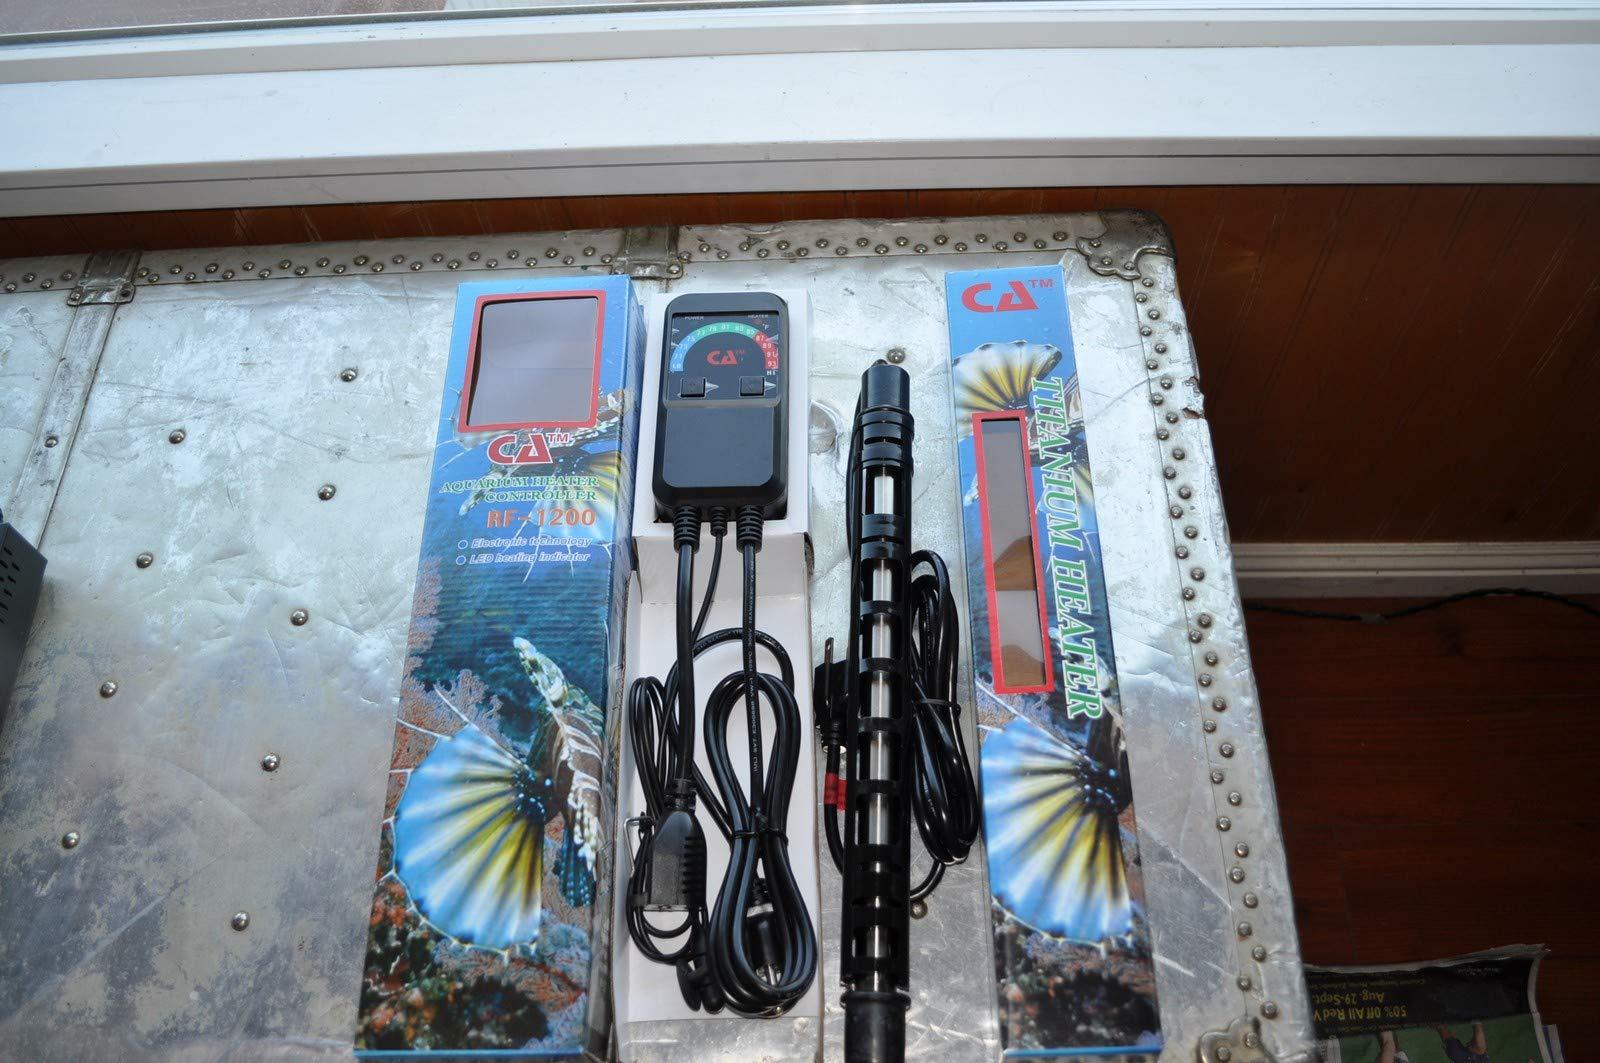 800 Watt Catalina Titanium Aquarium Heater and Controller by Unknown